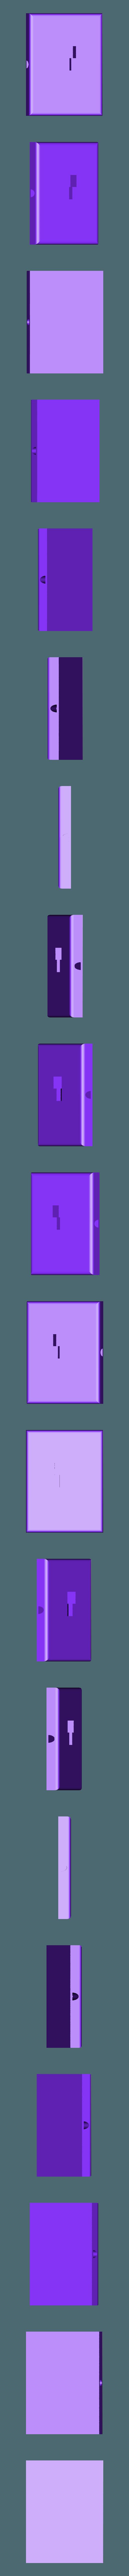 Center.STL Télécharger fichier STL gratuit Échiquier vertical, alias l'Échiquier à l'épreuve des chats • Design à imprimer en 3D, SSilver